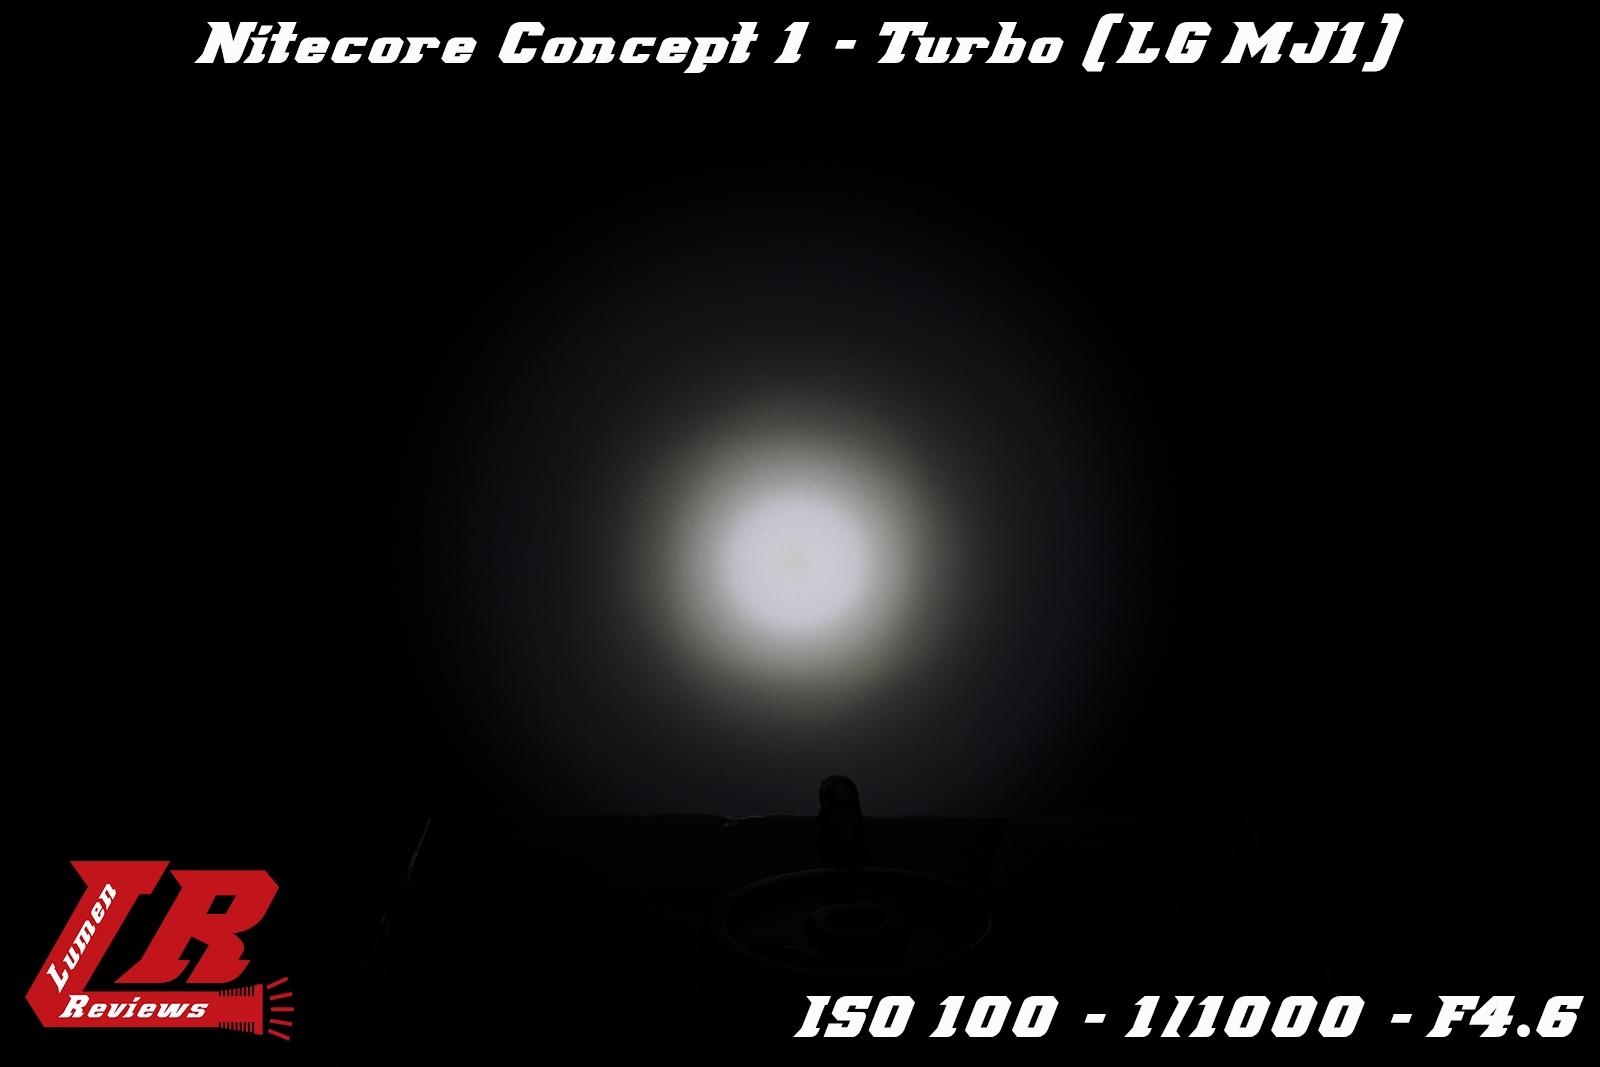 Nitecore Concept 1 17